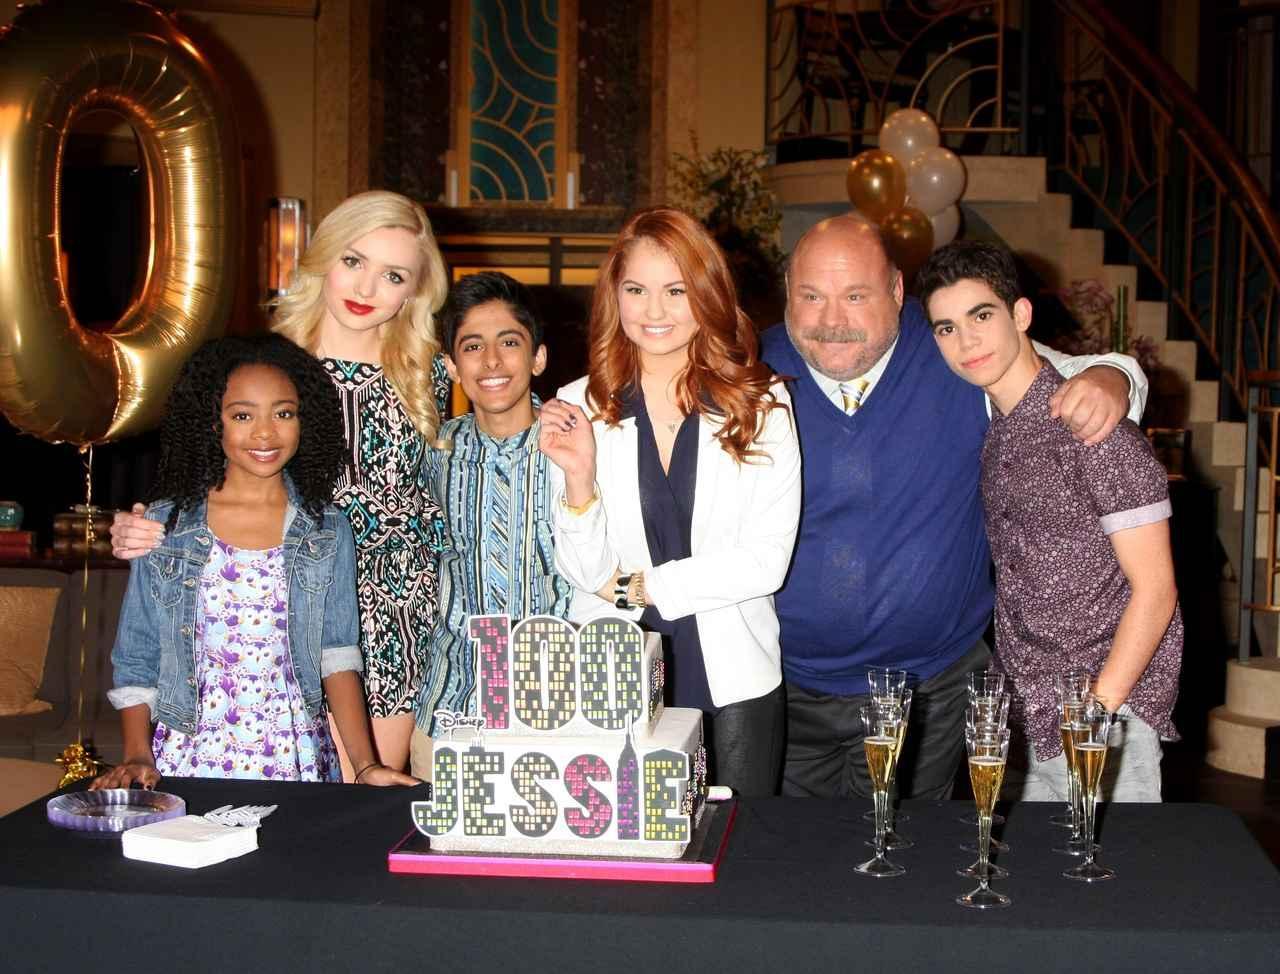 画像: ドラマ『ジェシー!』が記念すべき100話目を迎えた時のメインキャストの集合写真。左から、スカイ・ジャクソン、ペイトン・リスト、カラン・ブラァ、デビー・ライアン、ケビン・チャンバーリン、キャメロン・ボイス。